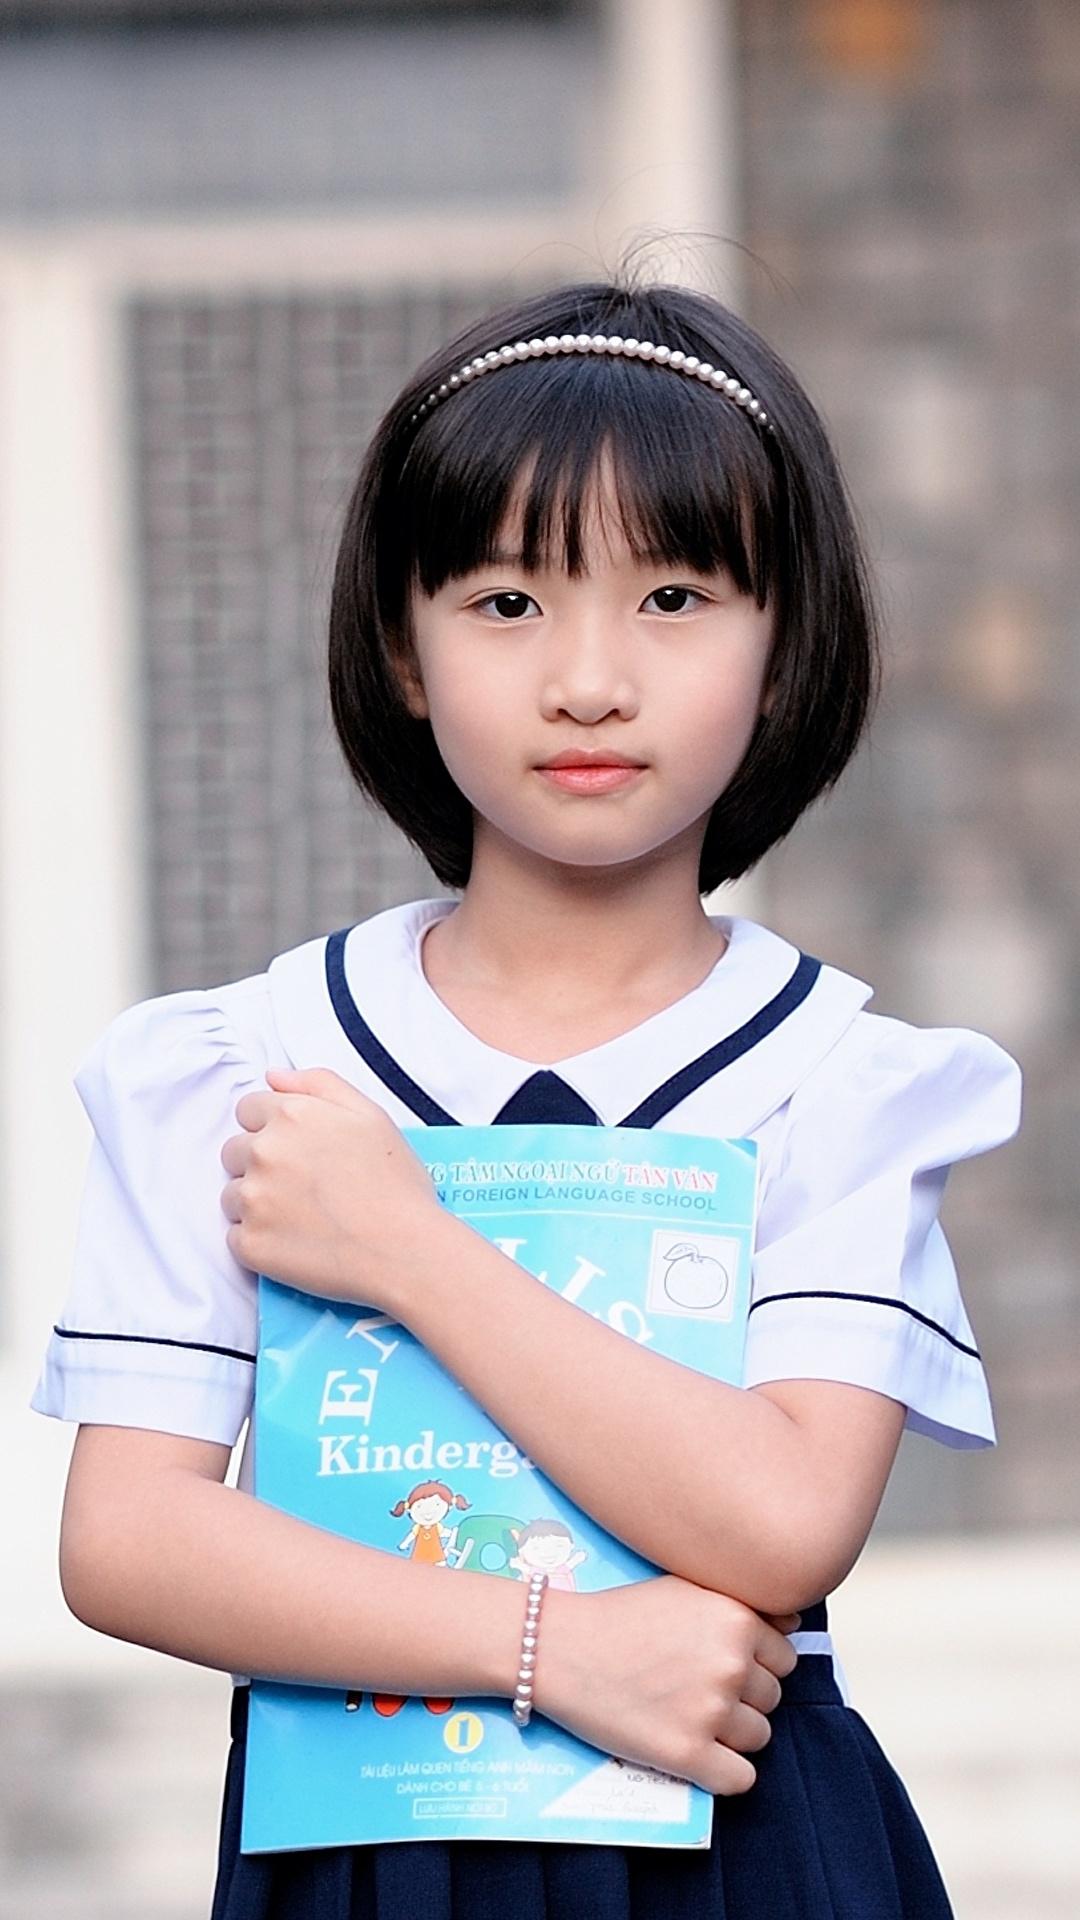 Fonds D'ecran 1080X1920 Asiatique Cheveux Noirs Fille Bokeh tout Tablette Enfant Fille